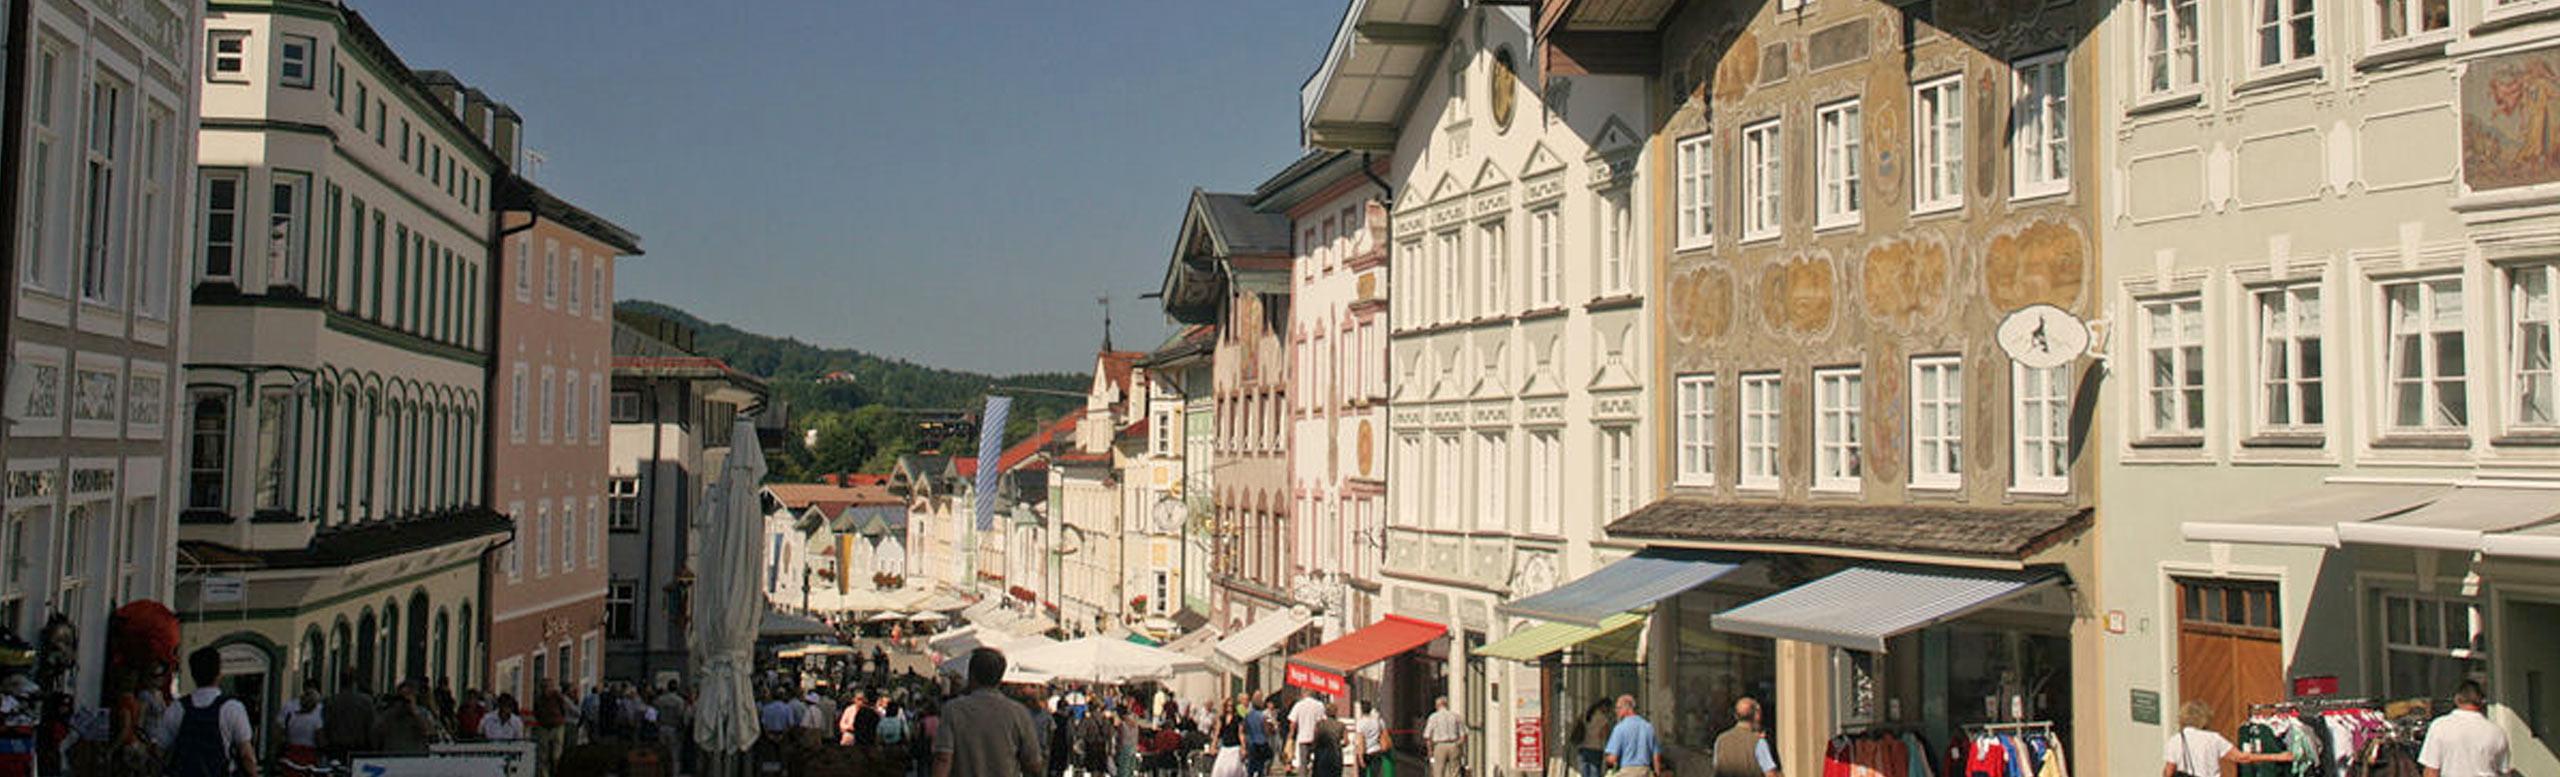 Marktstrasse-Bad-Toelz